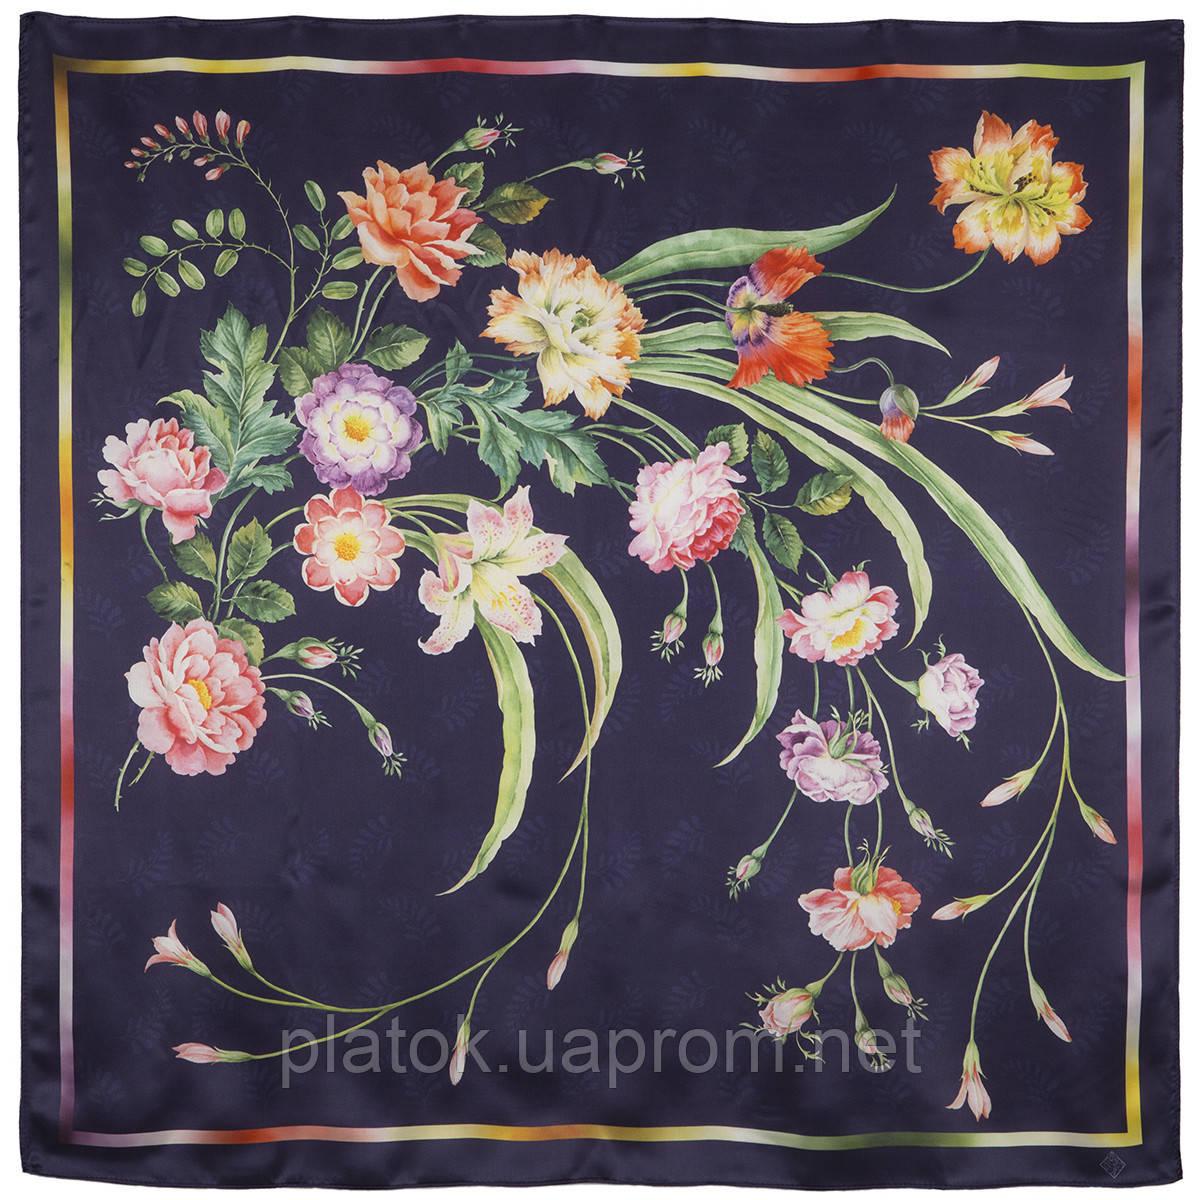 Лунный сад 10018-14, павлопосадский платок (атлас) шелковый с подрубкой